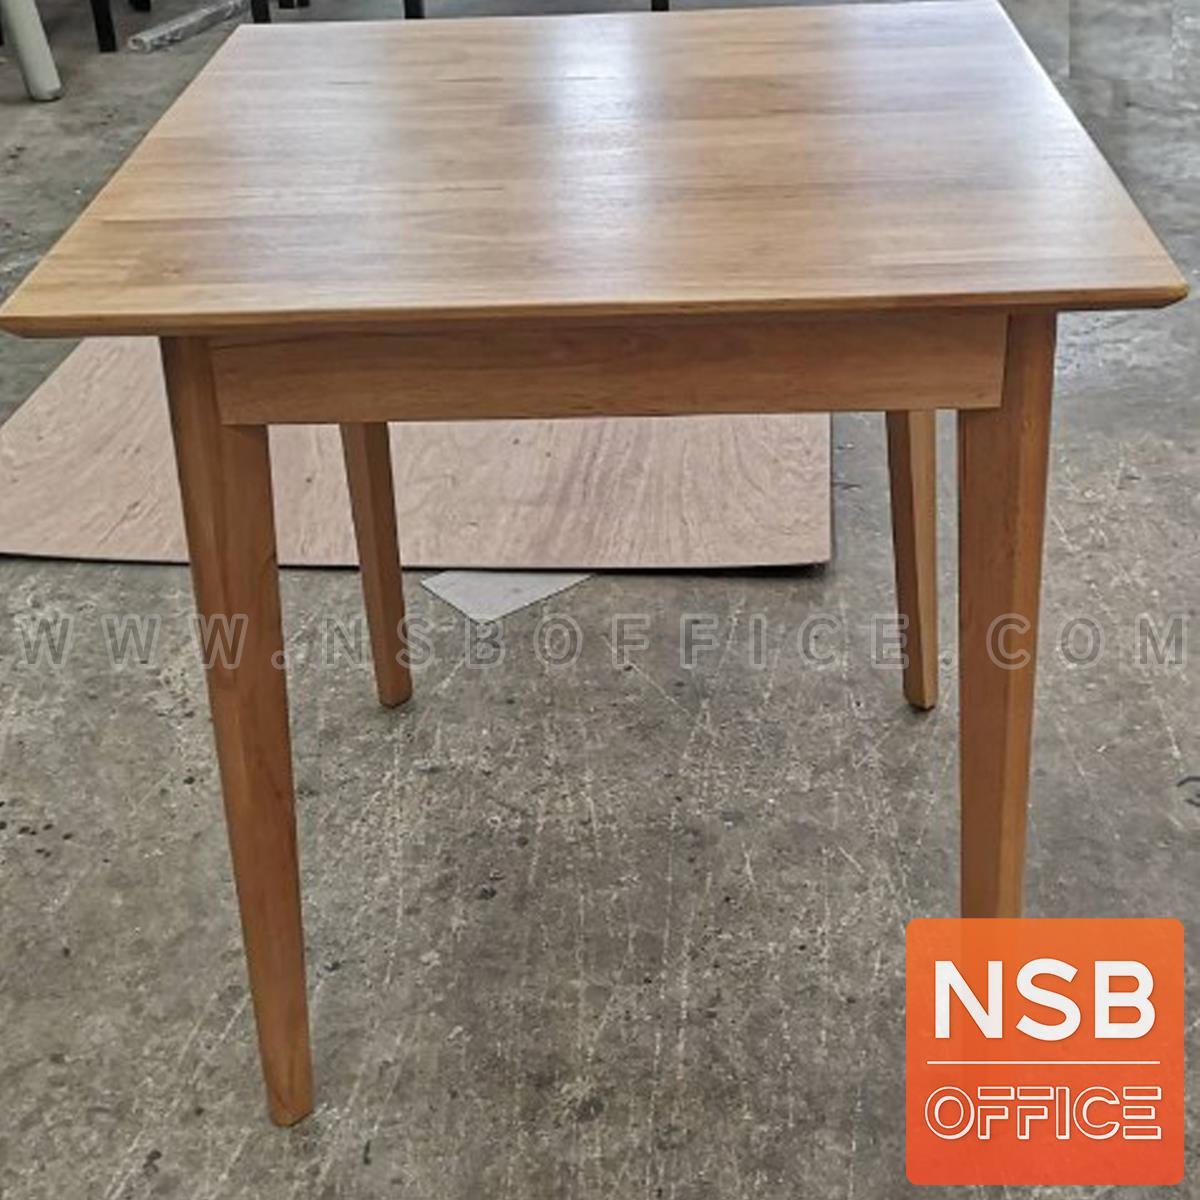 G14A243:โต๊ะรับประทานอาหารไม้ รุ่น Jim (จิม) ขนาด 60W*60D*75H , 80W*80D*75H cm.